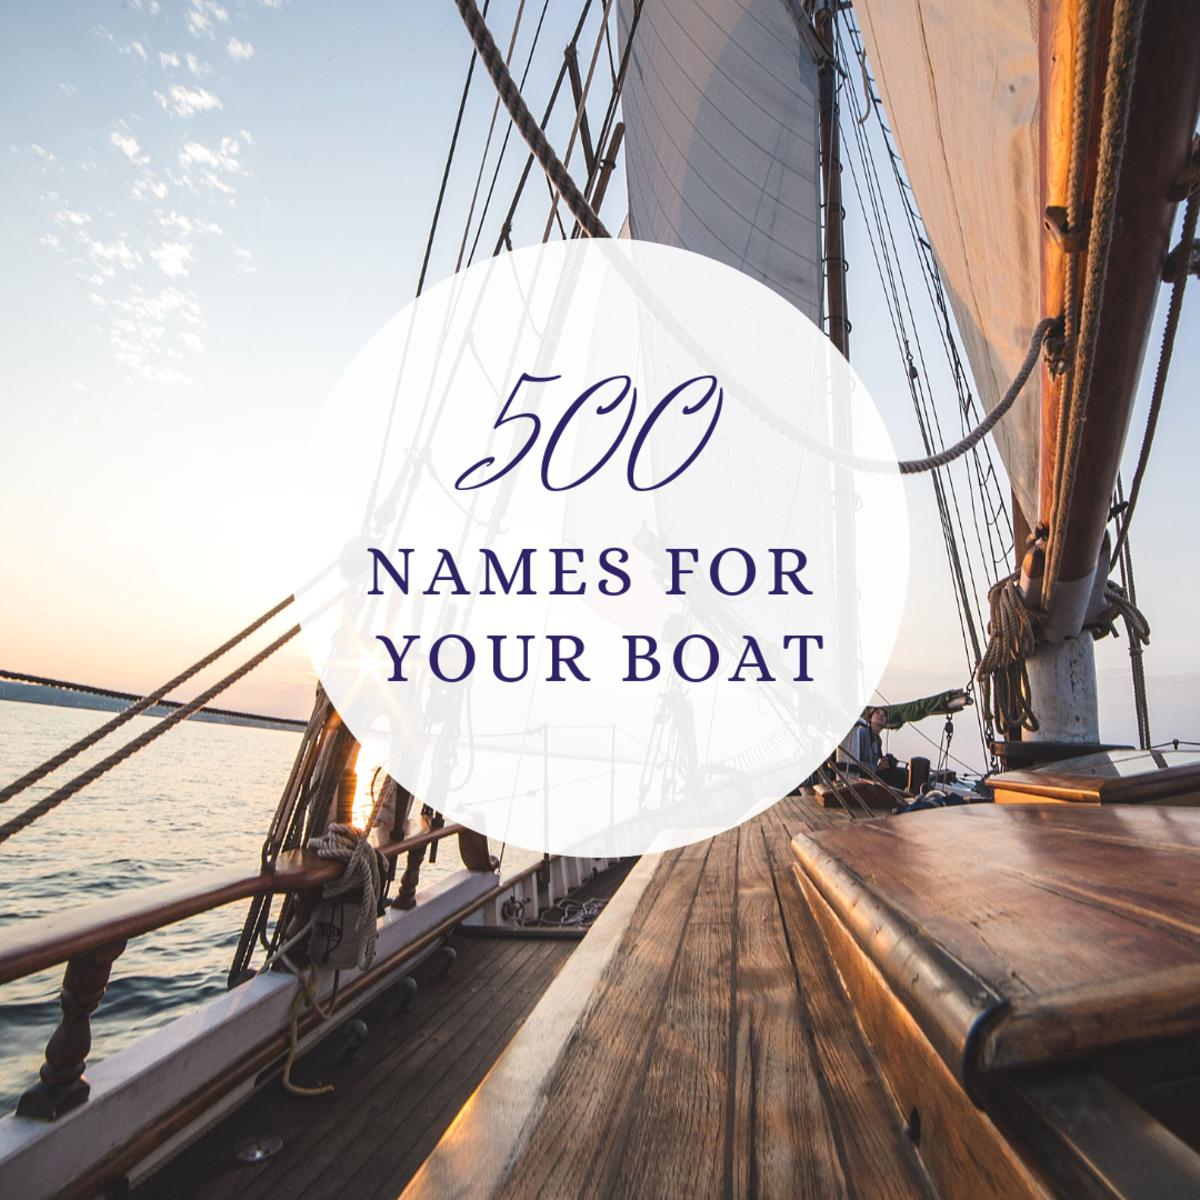 500 Creative Boat Names for Sailboats, Yachts, & Powerboats